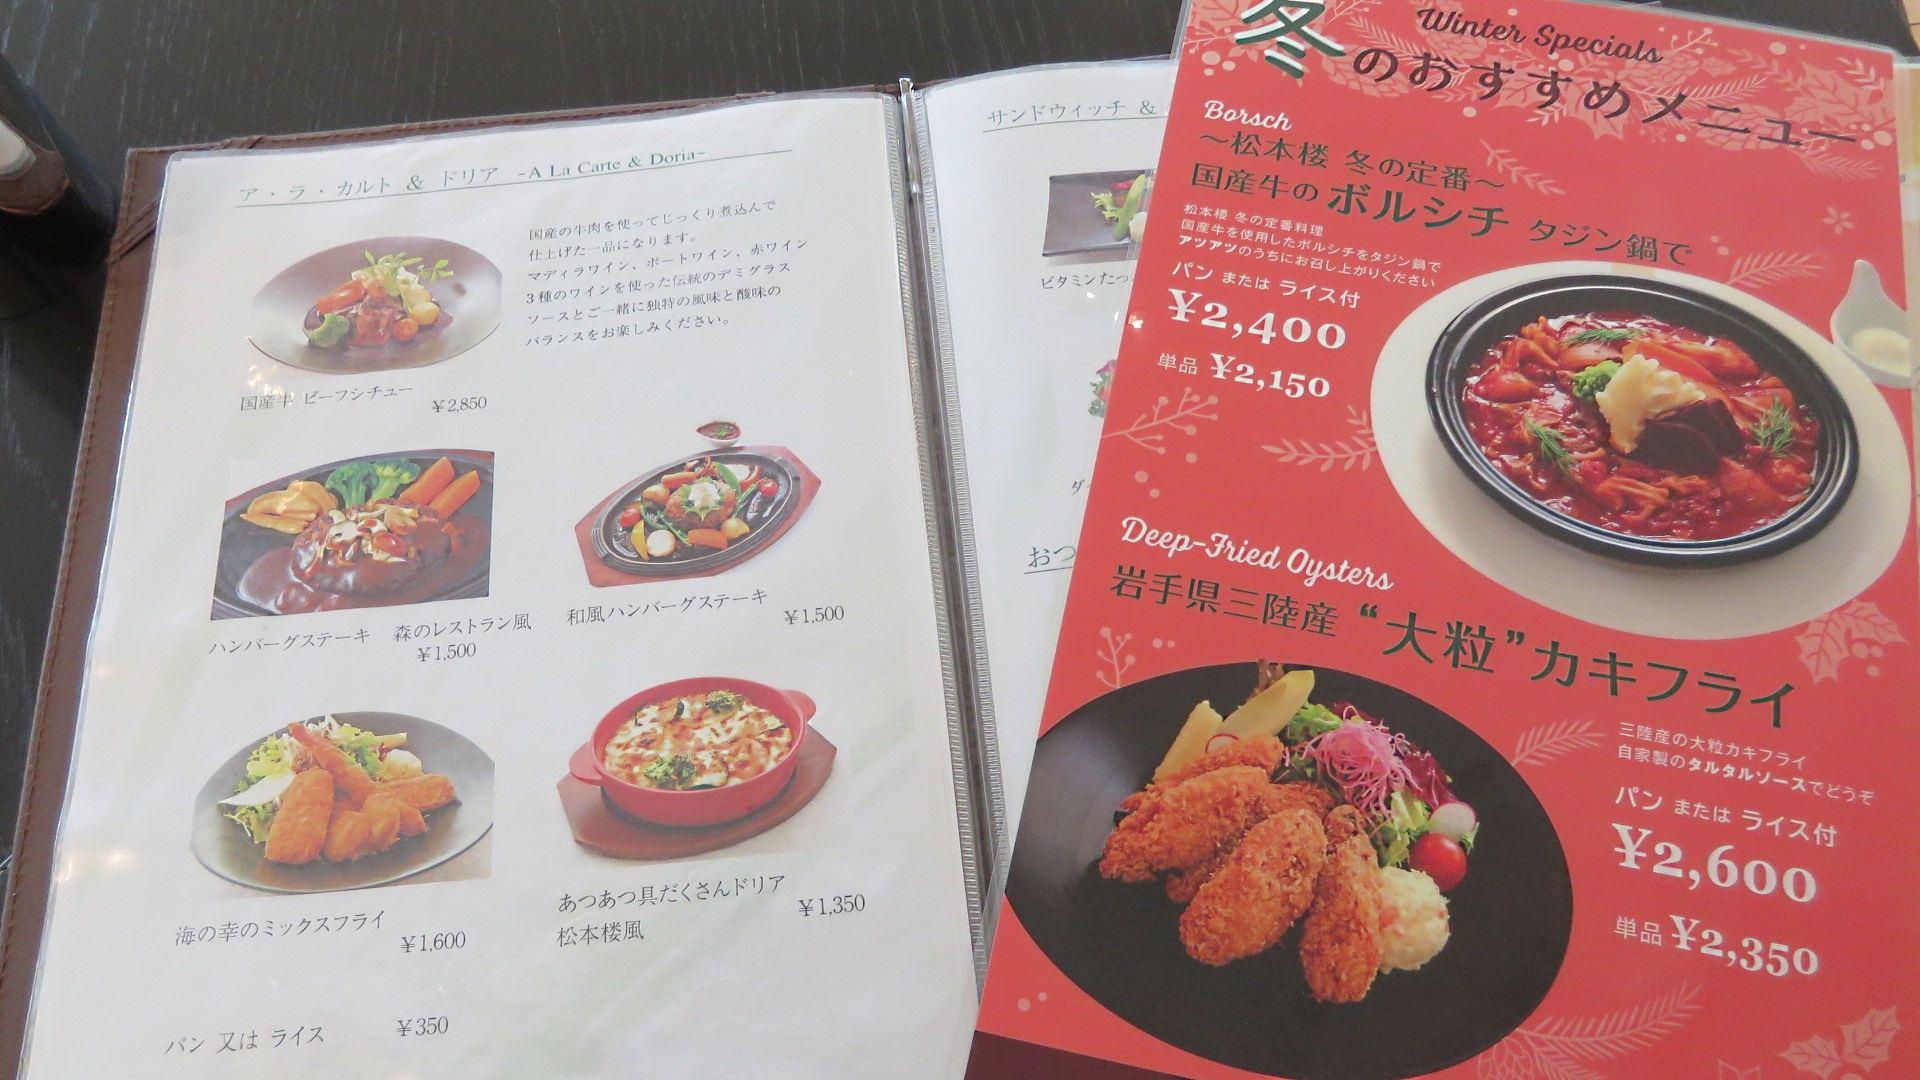 菜单上的餐点看起来都很美味